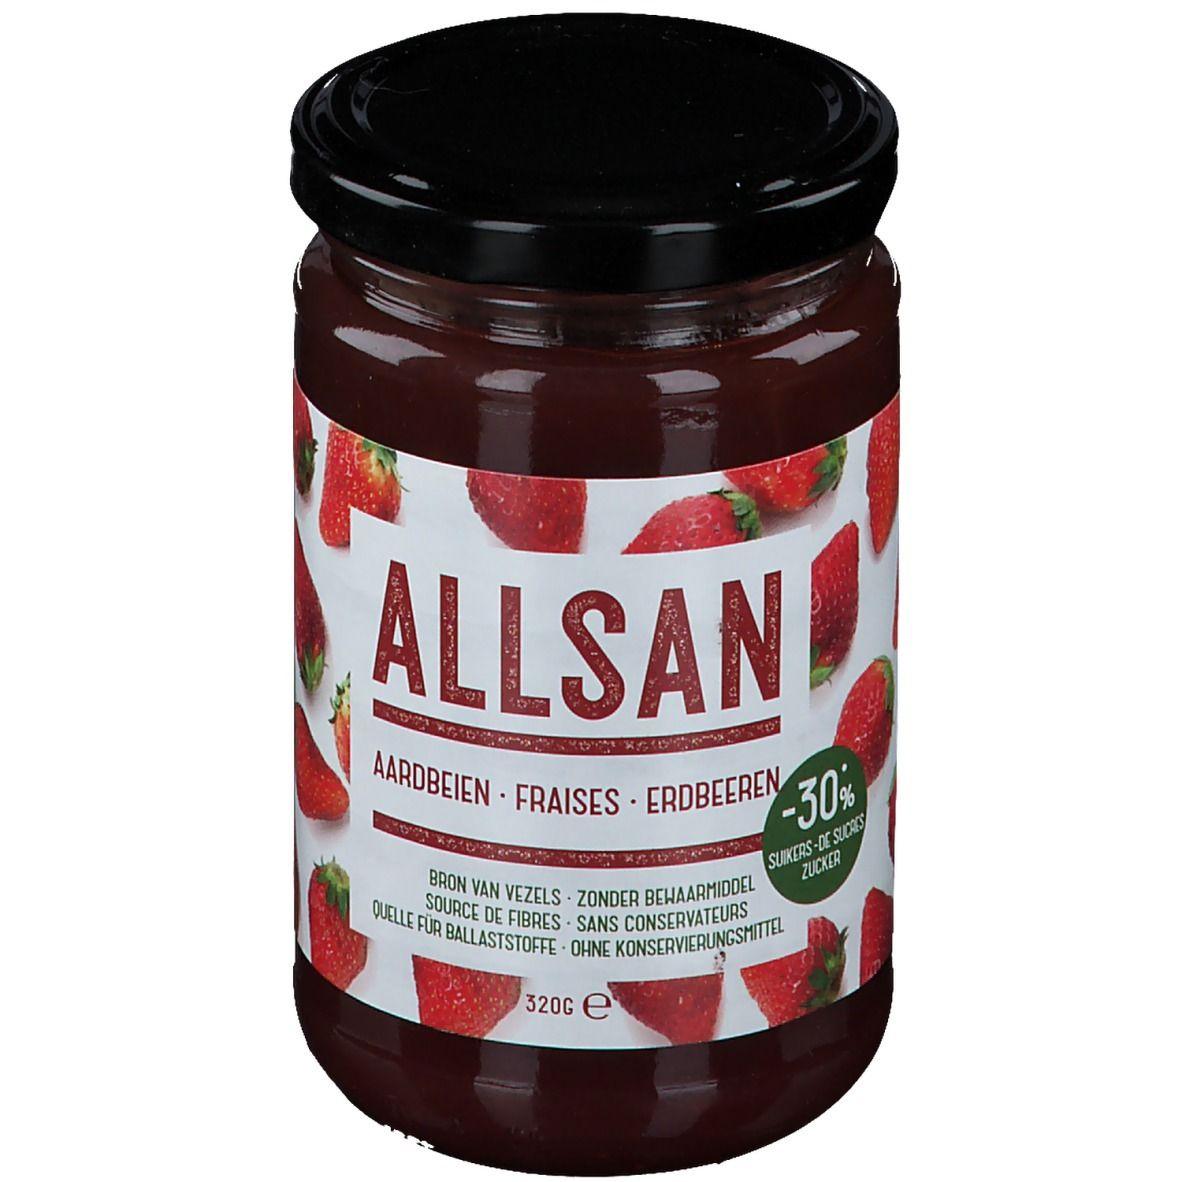 Image of Allsan Erdbeer-Aufstrich